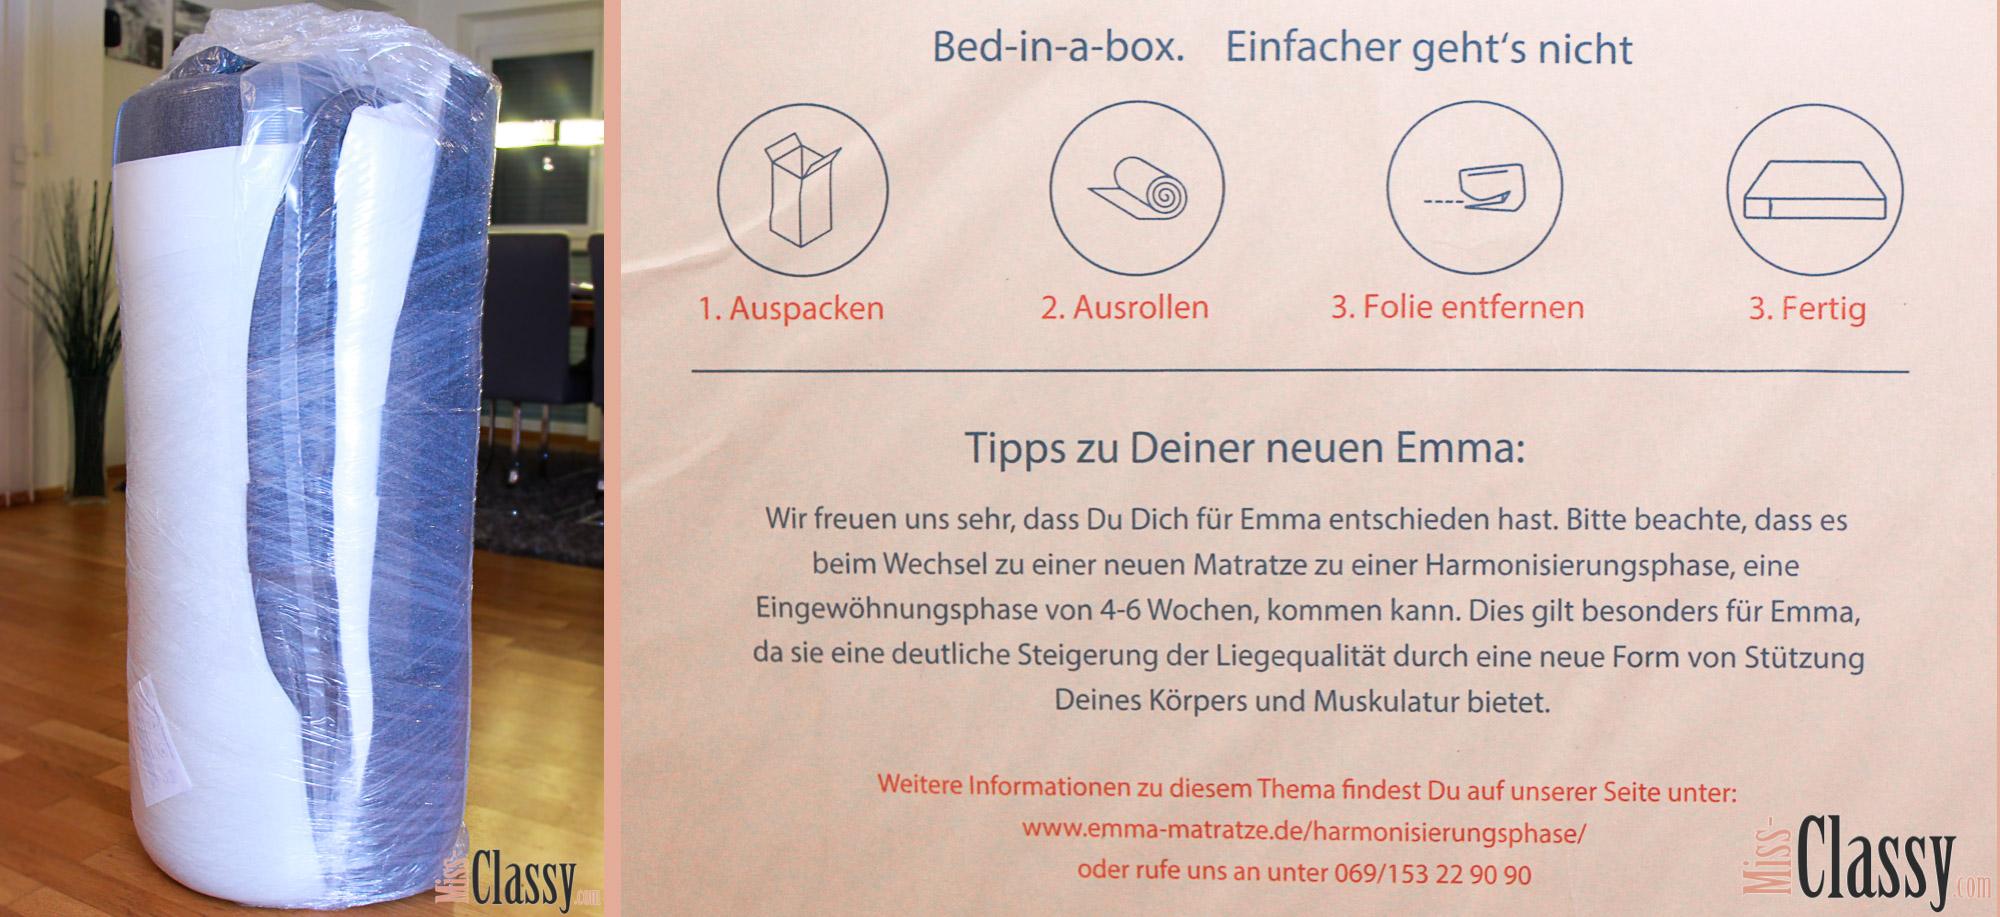 LIFESTYLE Im Bett mit Emma, Miss Classy, miss-classy.com, Lifestyleblog, Lifestyleblogger, Lifestyleblog Graz, Graz, Steiermark, Österreich, Schlafzimmer, classy, beclassy, classy Interieur, Emma, Matratze, Schlafkomfort, Boxspringbett, Entspannung, Komfort, perfekter Schlaf, schlafen, träumen, Chihuahua